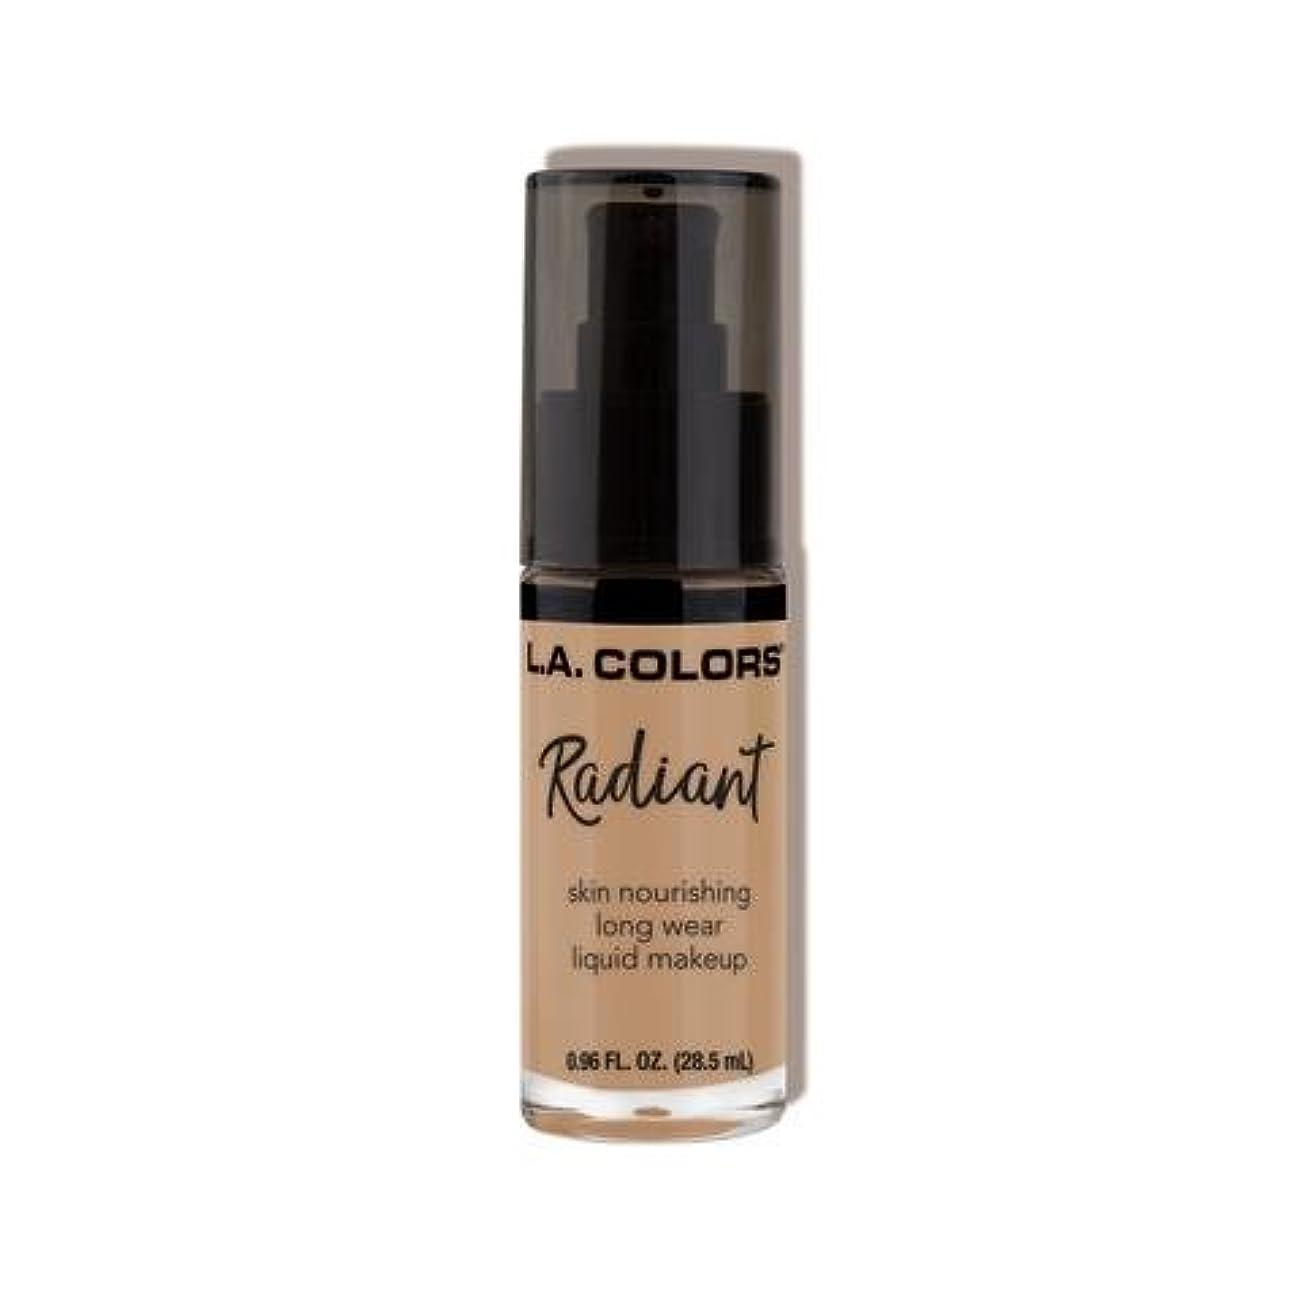 なるベーシック引き出し(6 Pack) L.A. COLORS Radiant Liquid Makeup - Medium Beige (並行輸入品)